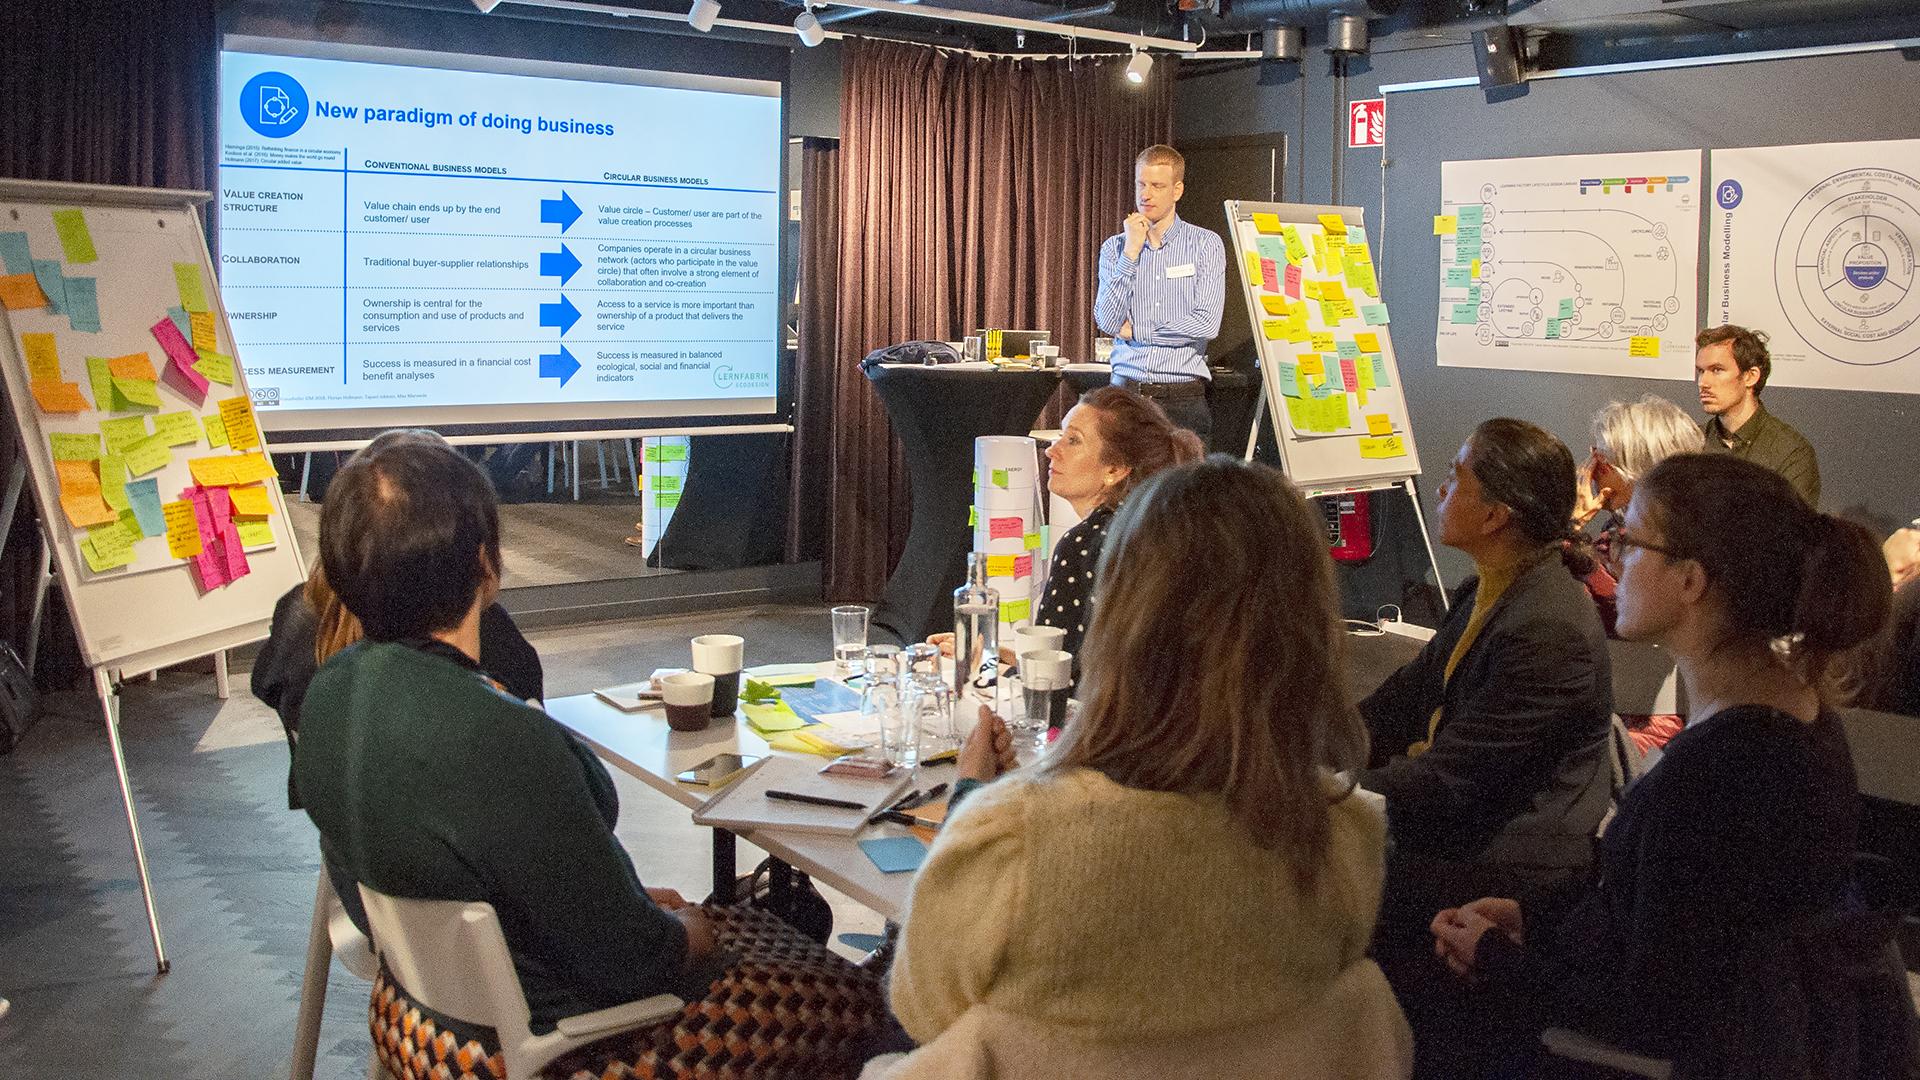 En person som framme vid en skärm med en presentation, och redovisar inför en grupp människor som sitter vid bord framför.